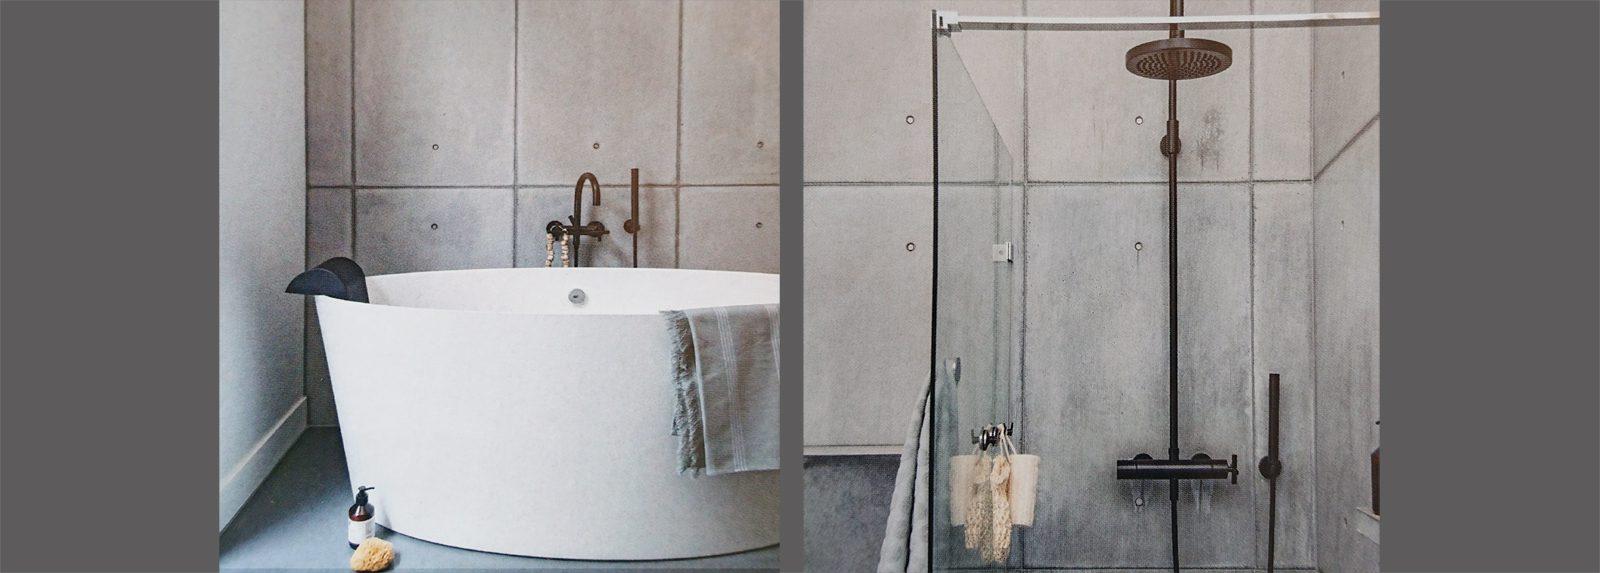 betonnen badkamer douchewand